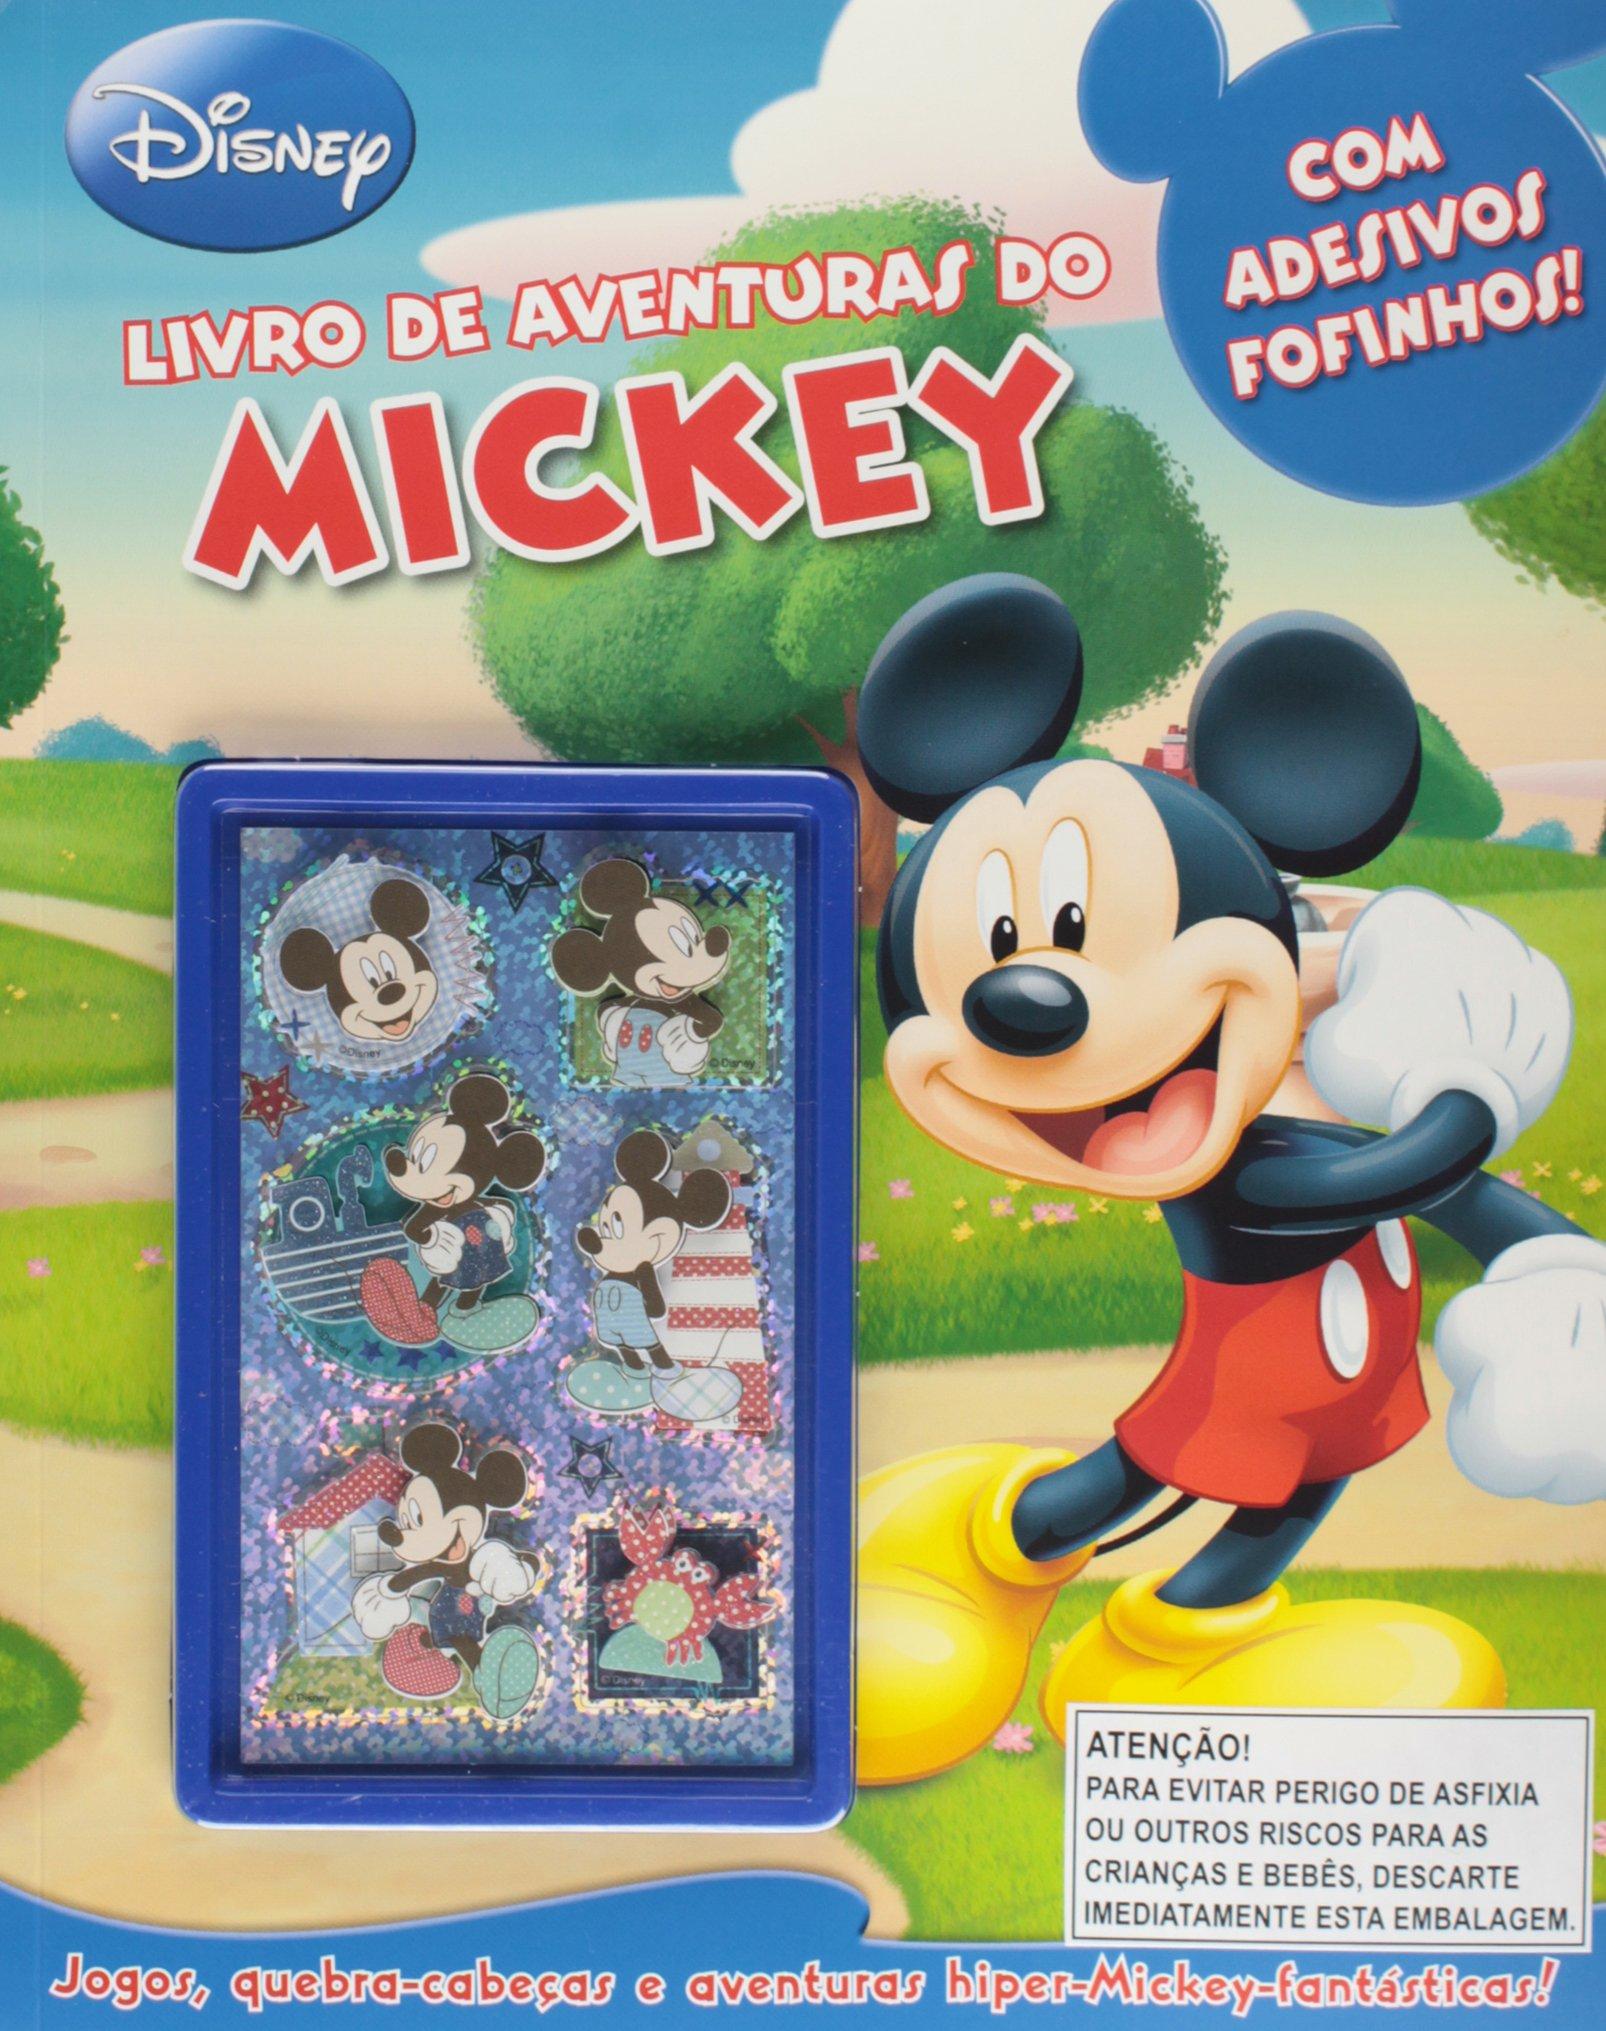 Livro De Aventuras Do Mickey Varios Autores 9788536817316